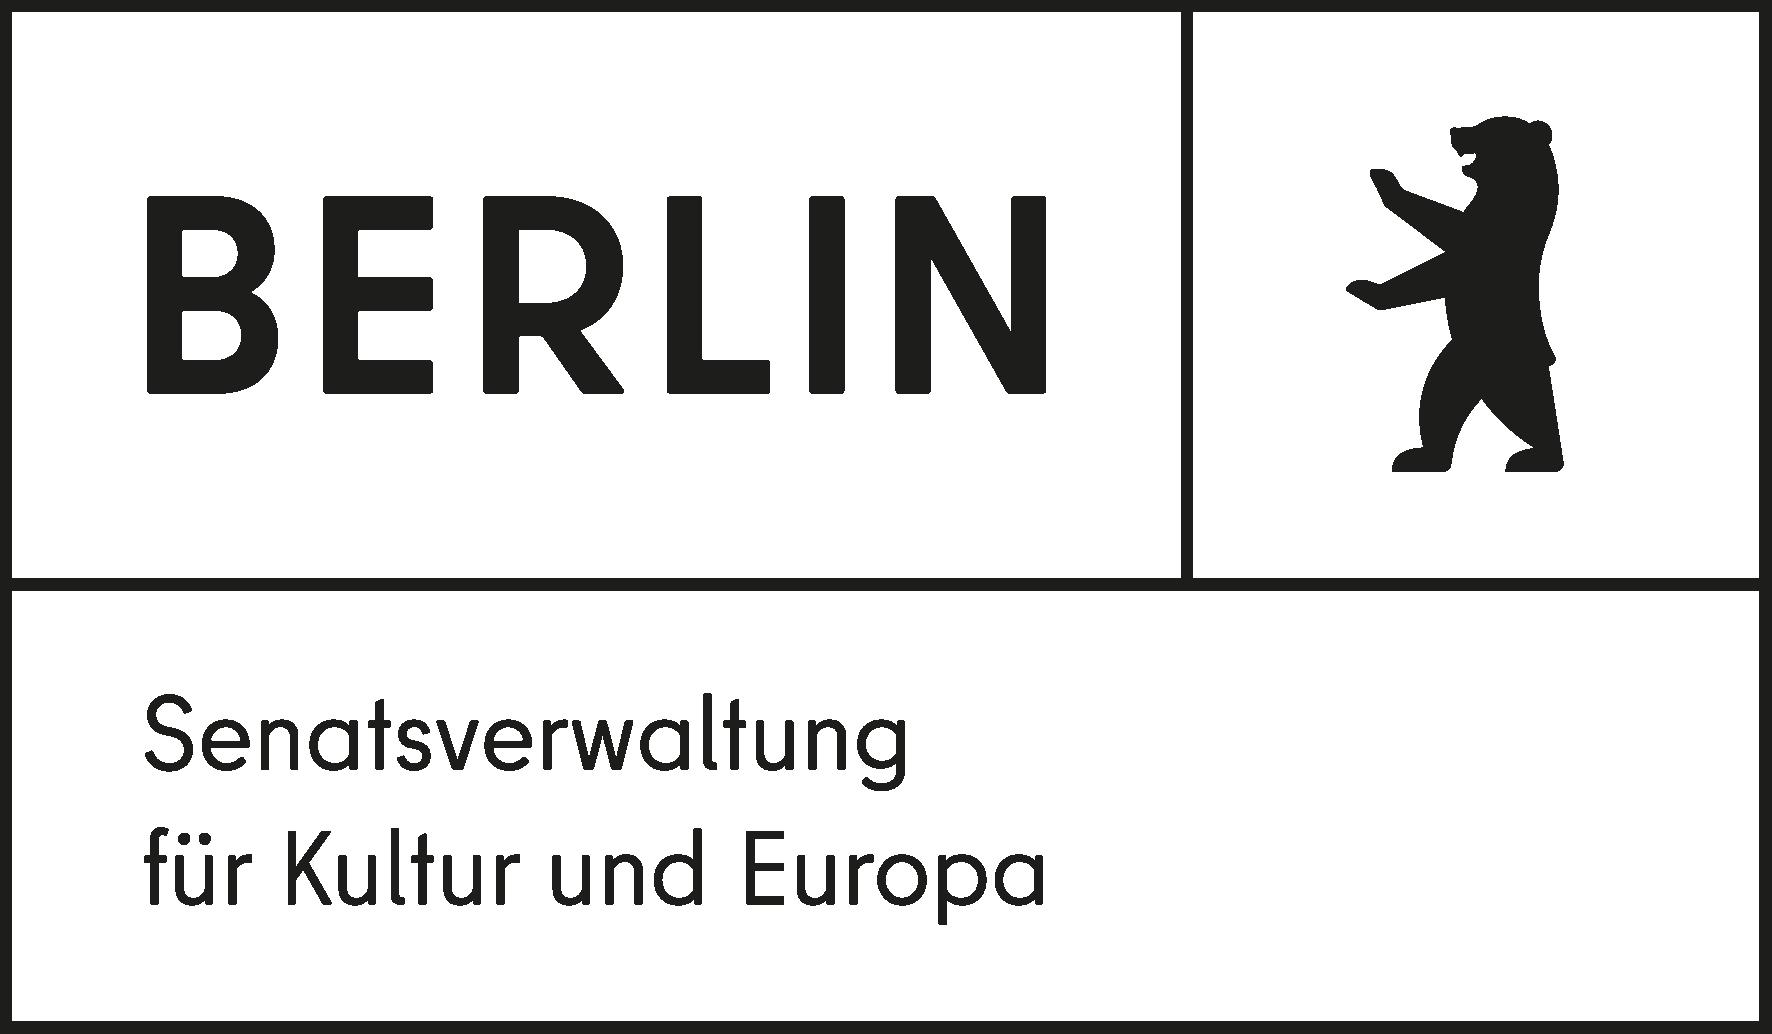 Berlin SenKult 2